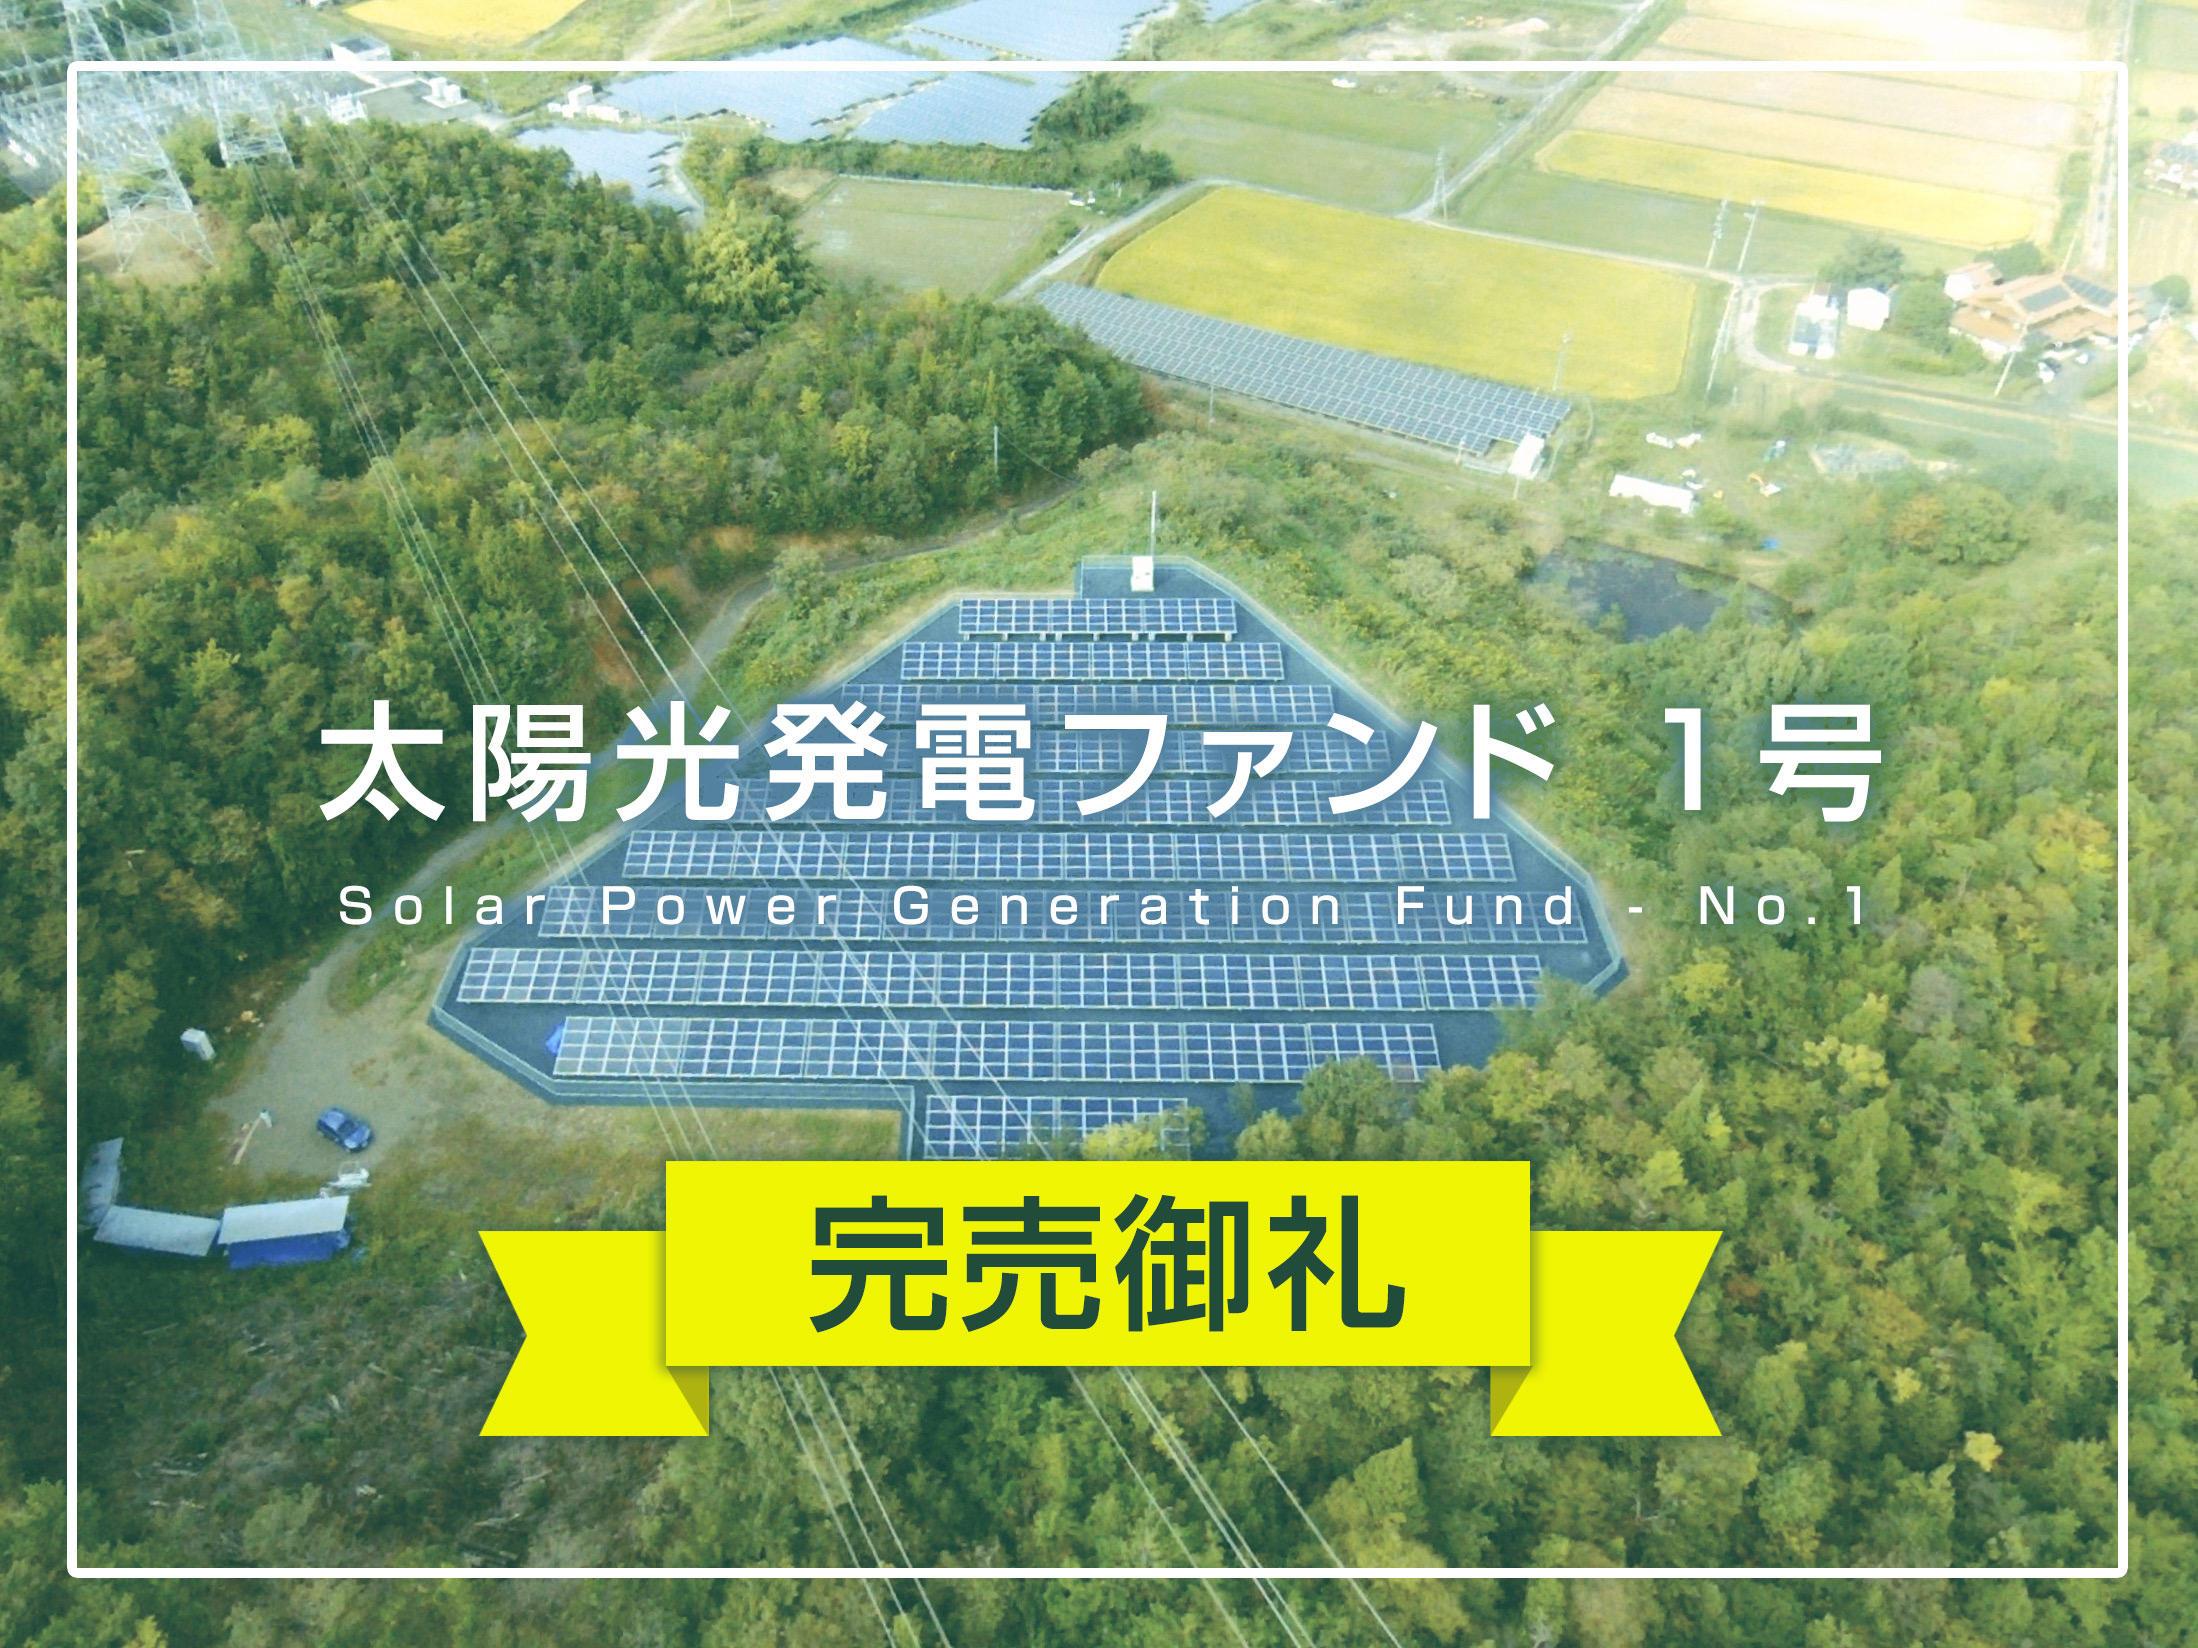 ソライチ太陽光発電ファンド1号